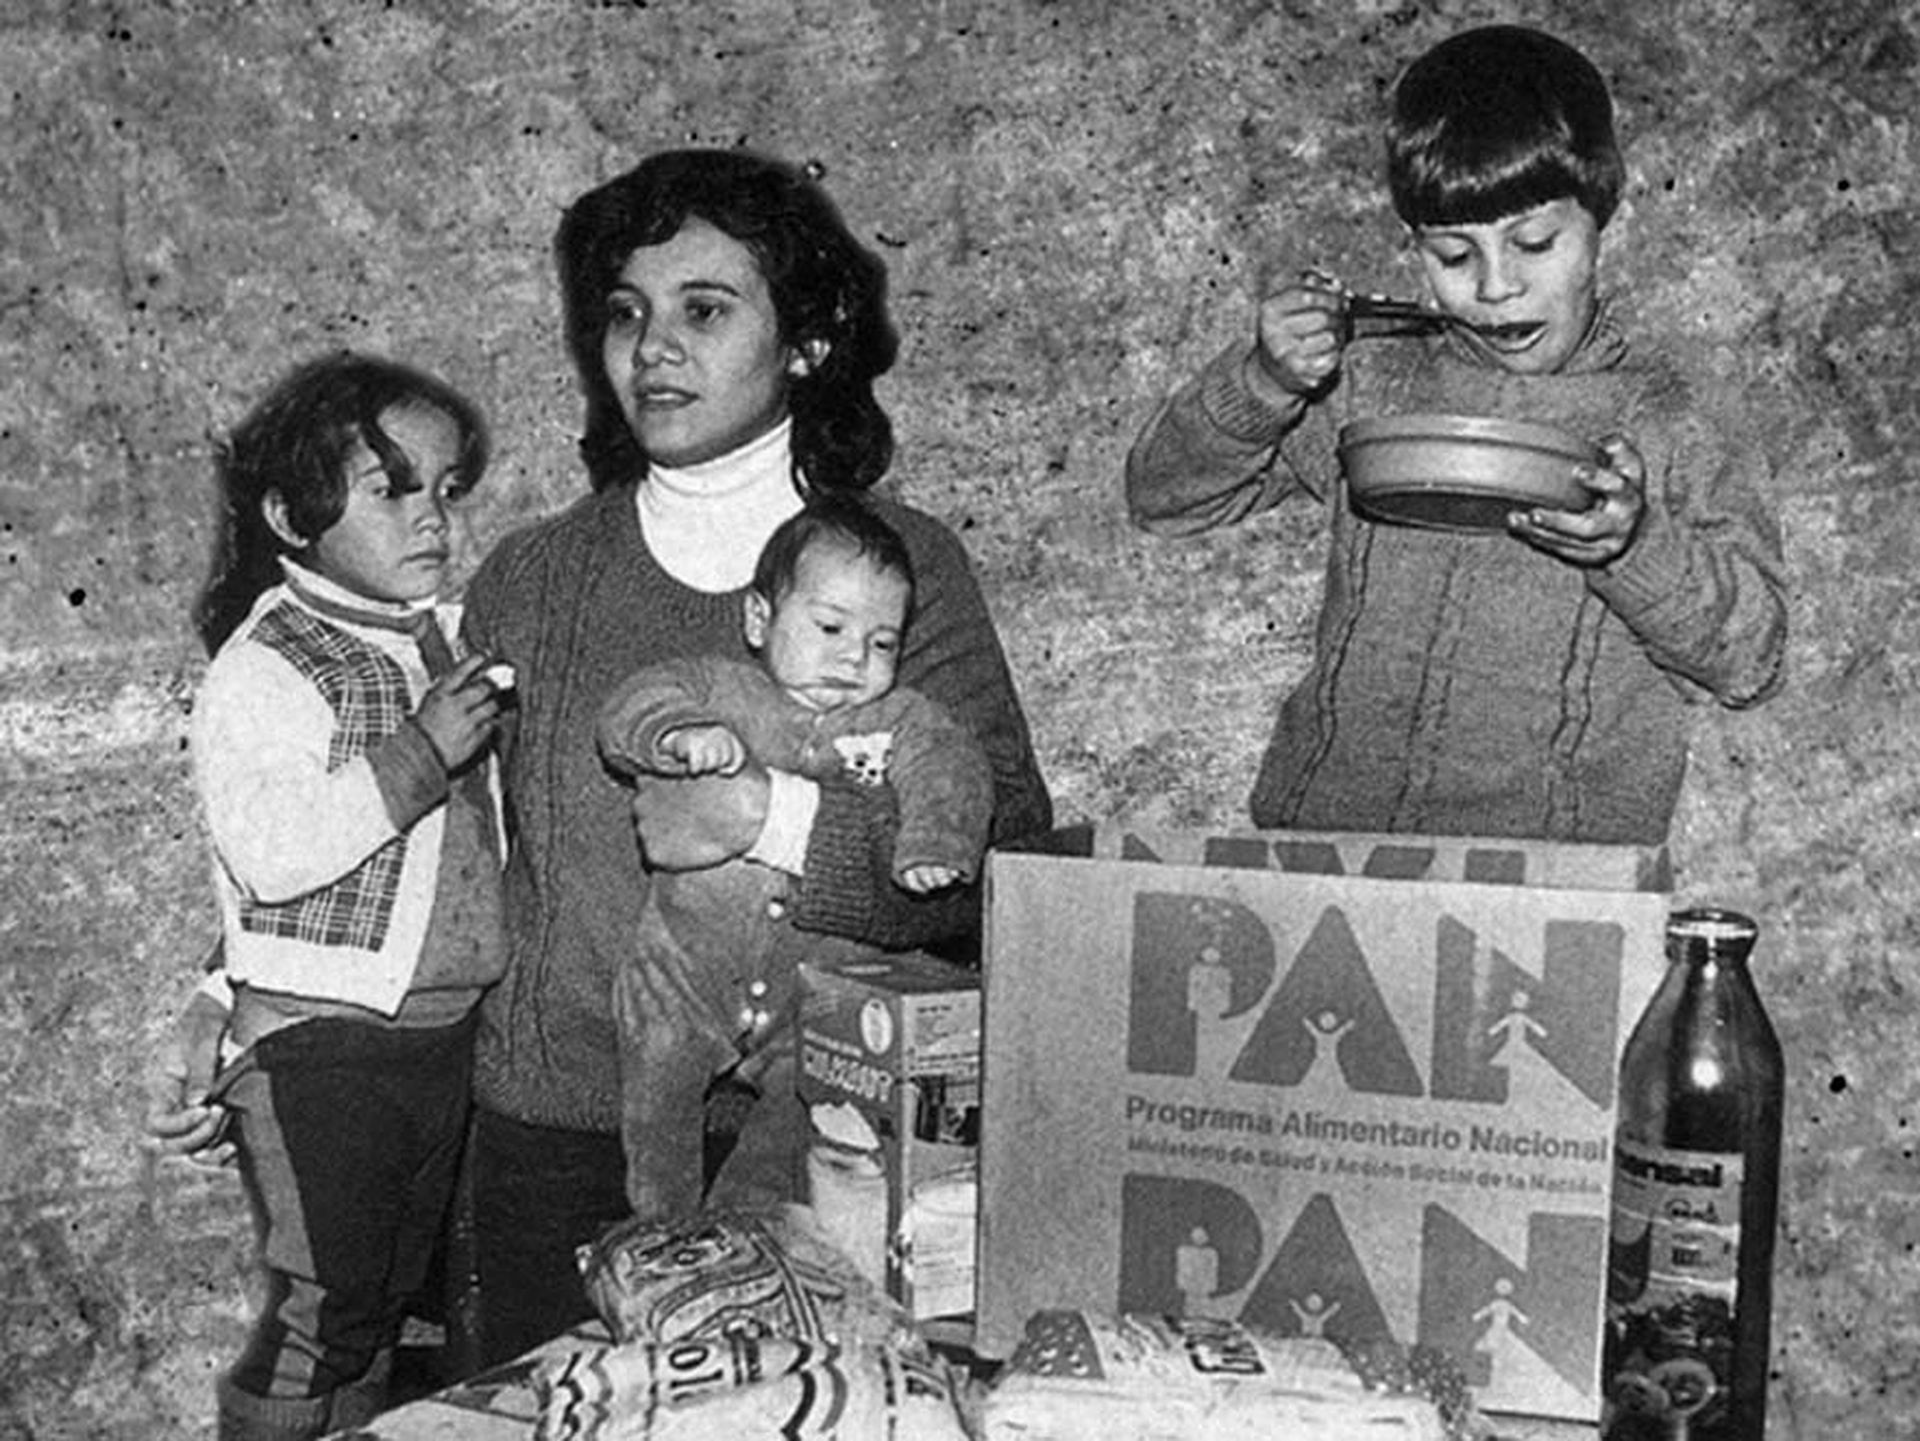 Las cajas PAN, un programa emblemático durante la presidencia de Alfonsín